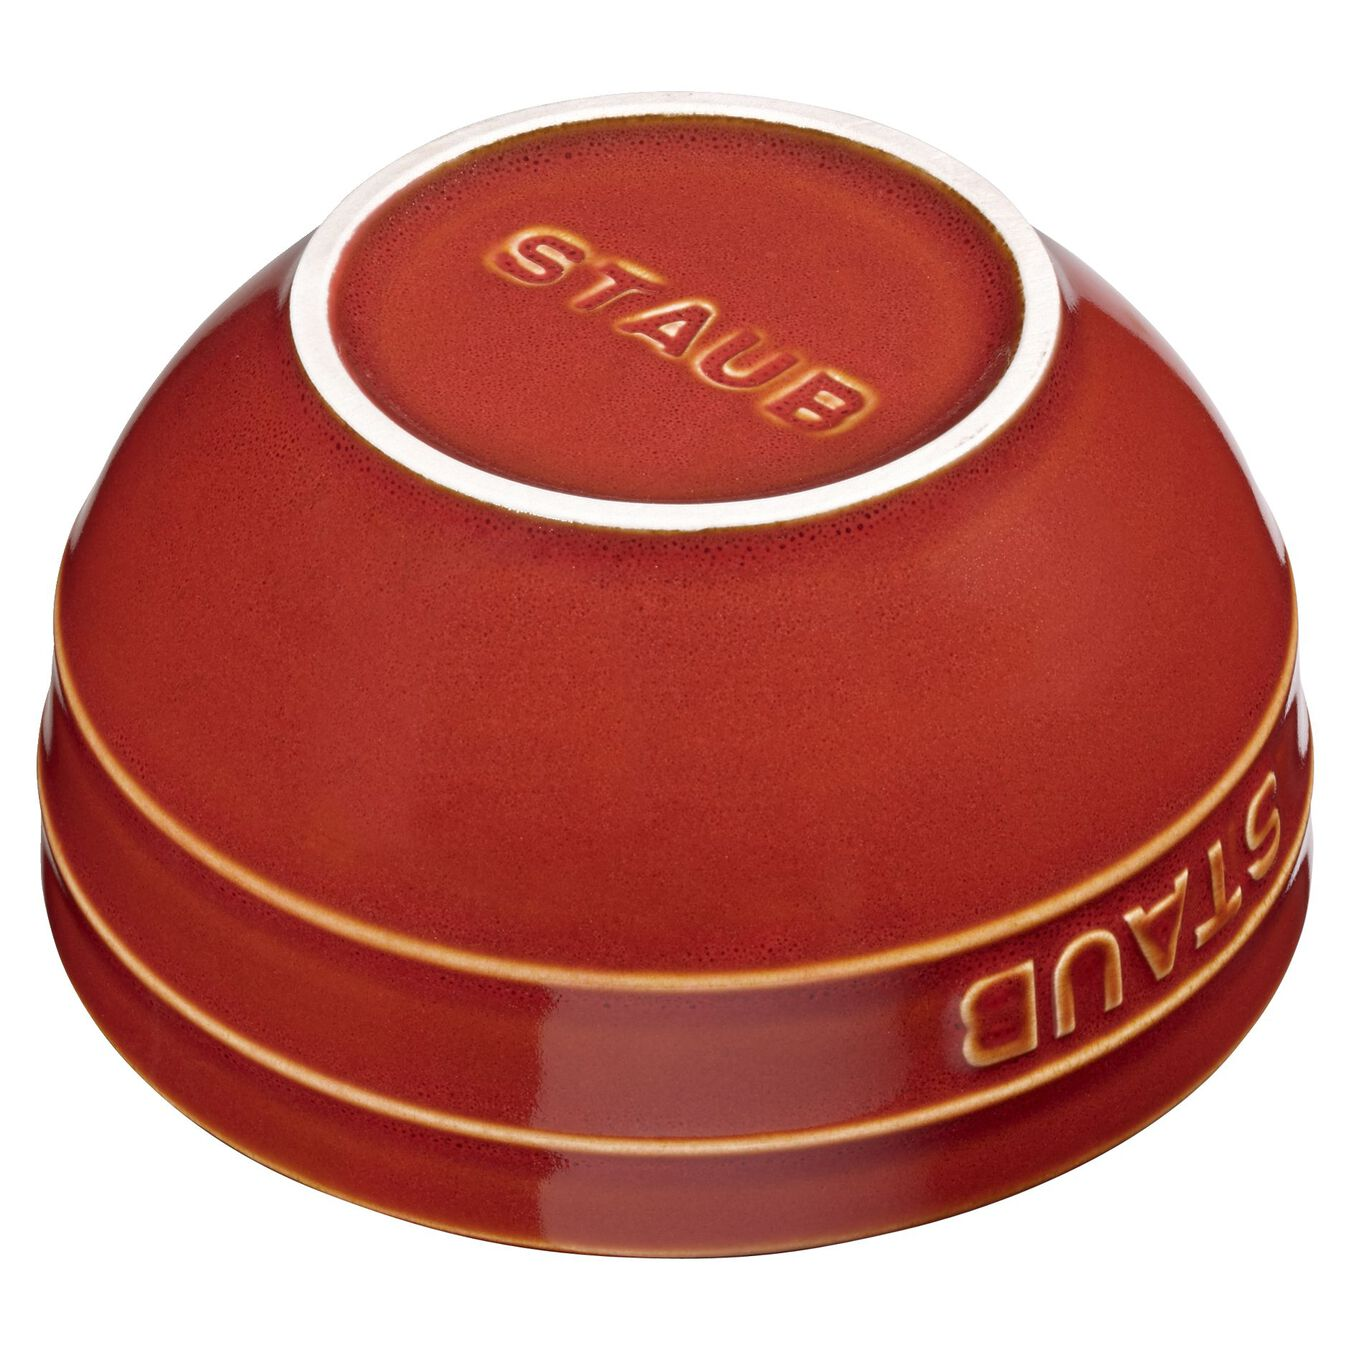 14 cm Ceramic round Bowl, Ancient-Copper,,large 2